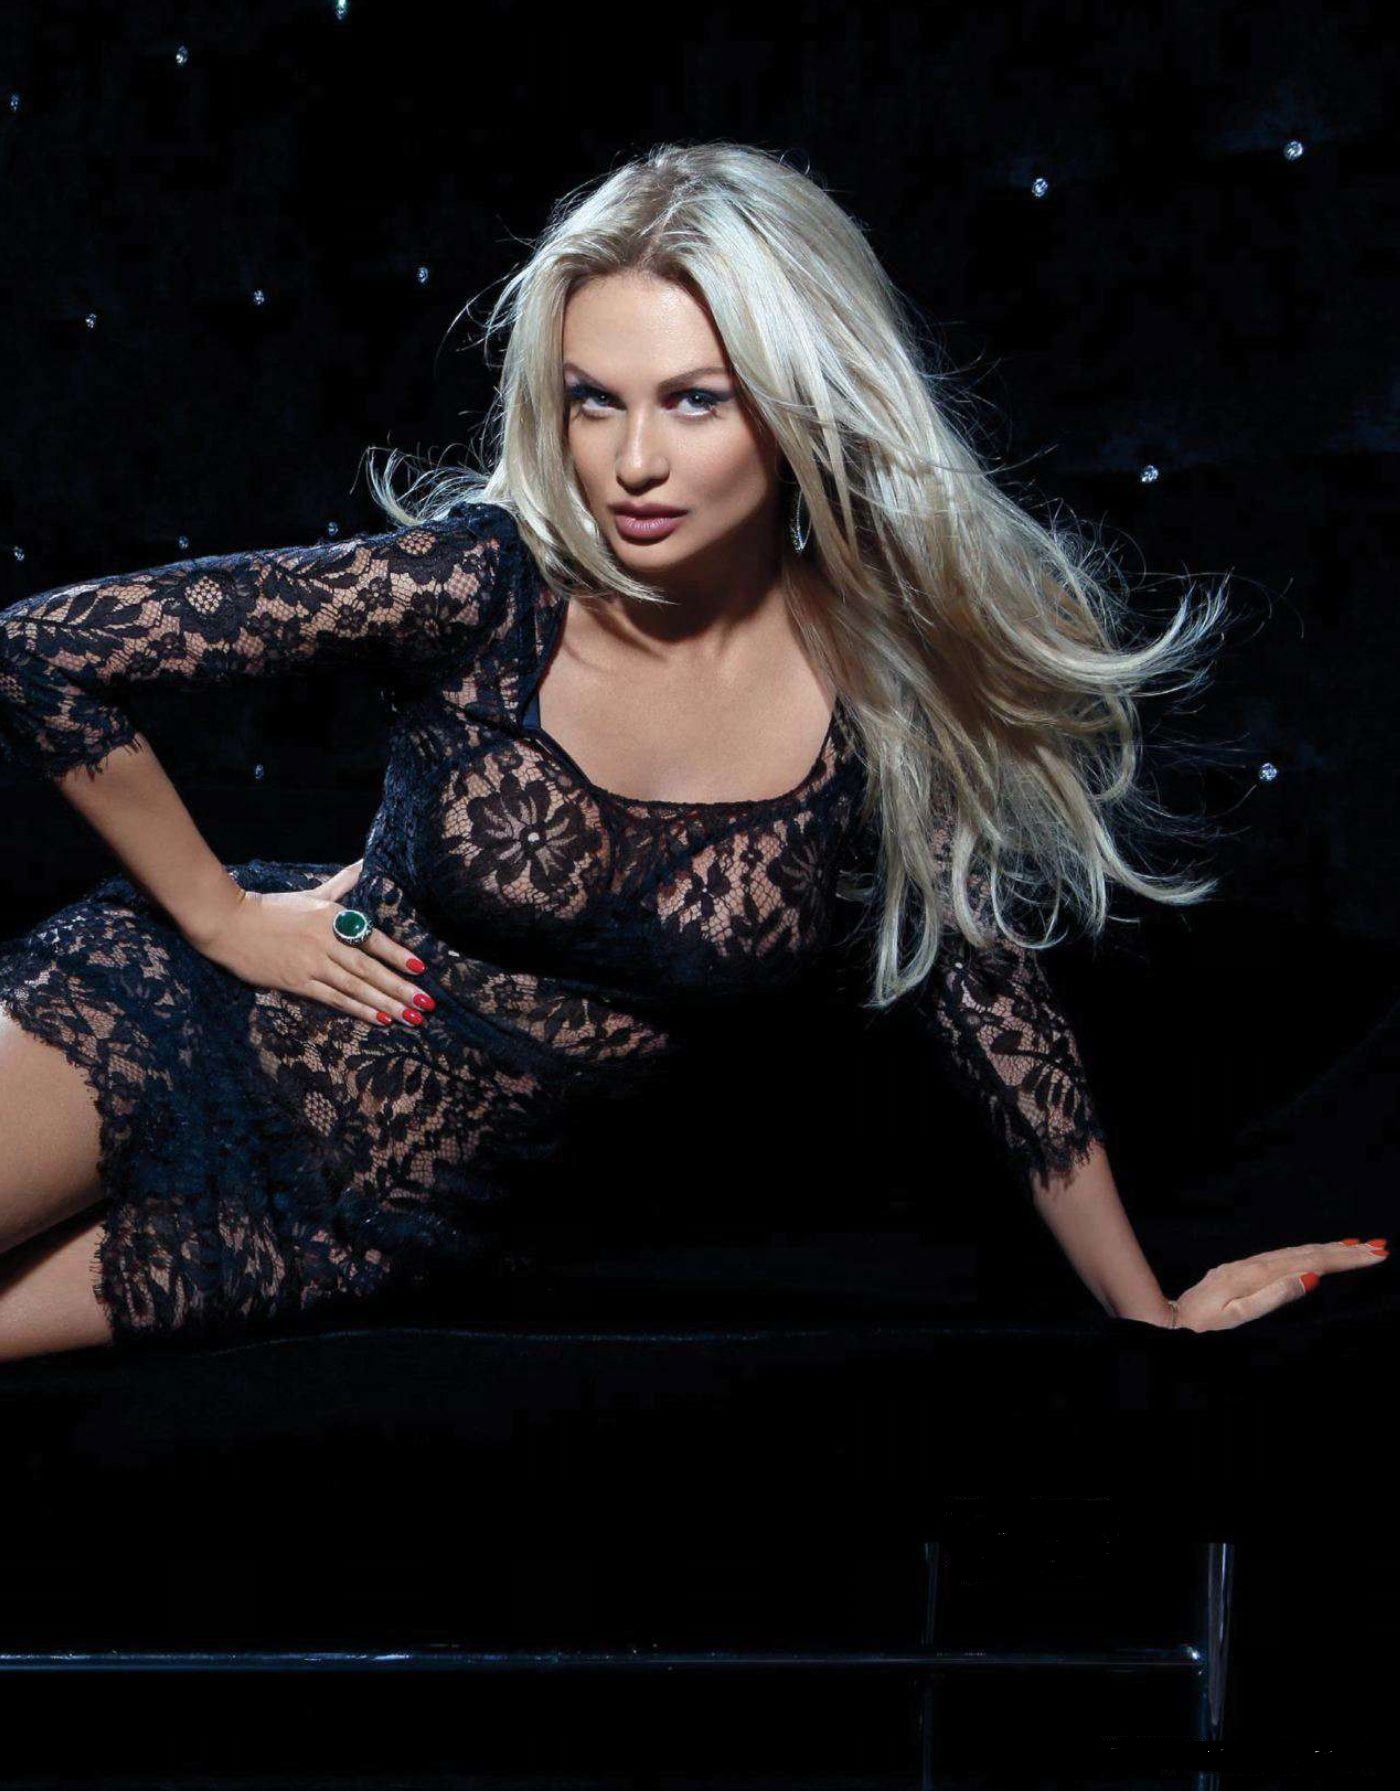 Виктория Лопырева в журнале Playboy (декабрь 2012) .